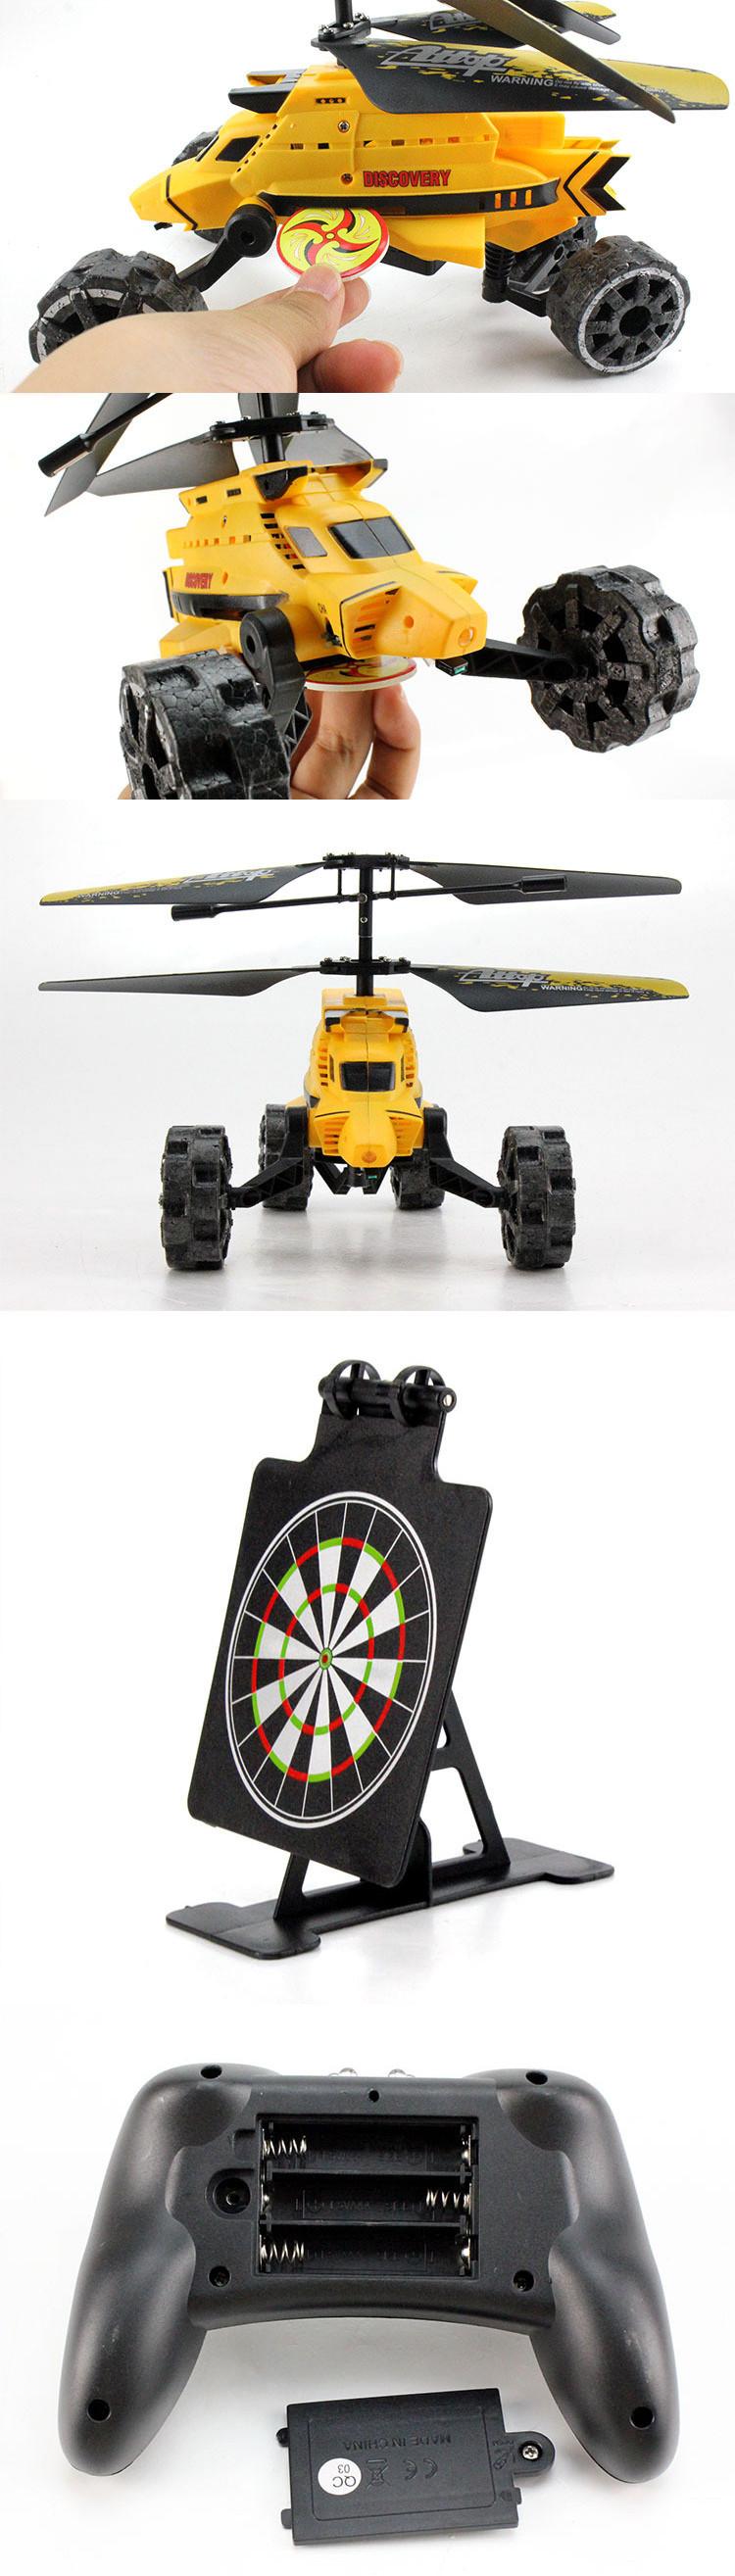 Brinquedo novo por atacado 2CH I / R helicóptero rc car com mísseis